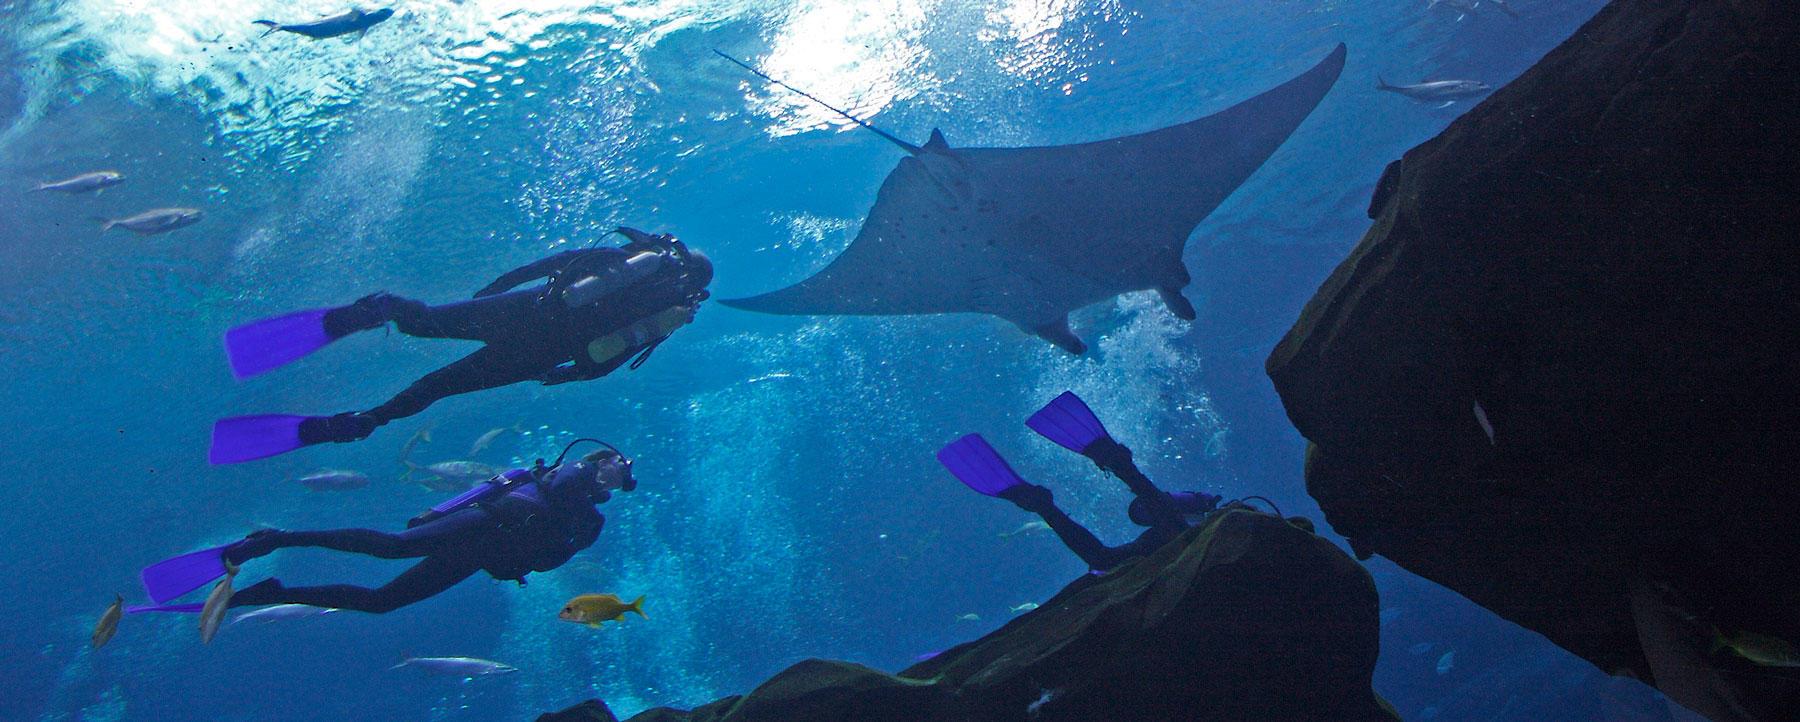 Georgia Aquarium ray divers